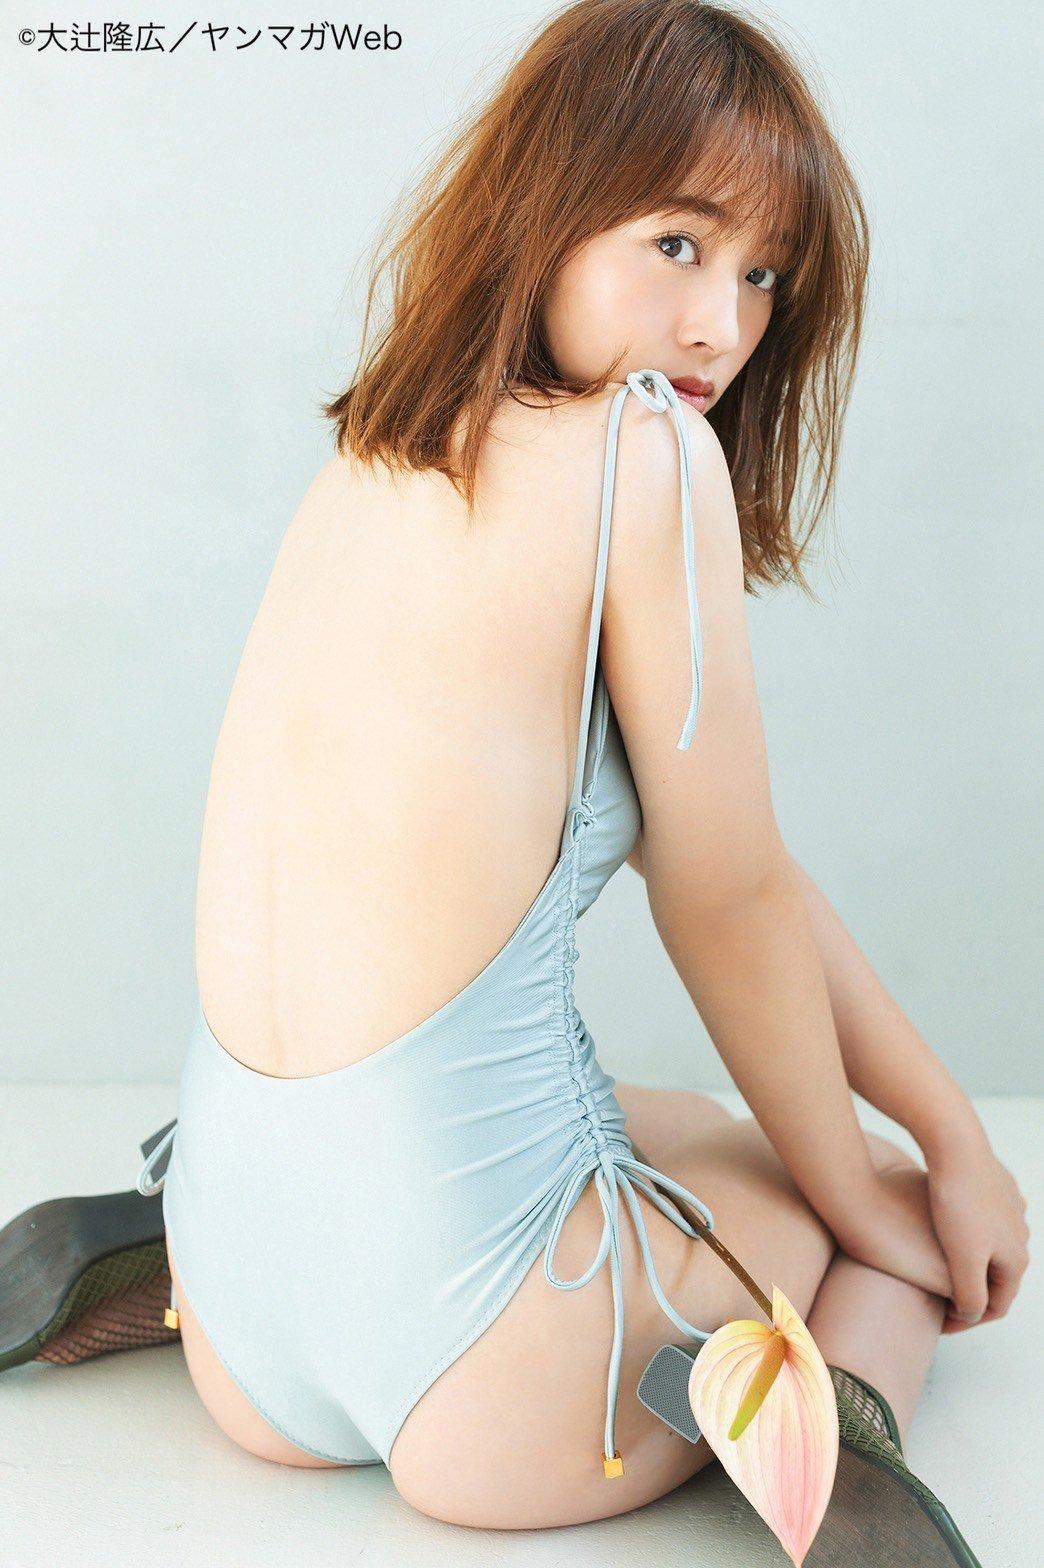 神部美咲「美しい背中を全開」『グラビアちゃんはバズりたい』アザーカットを公開!【画像3枚】の画像001